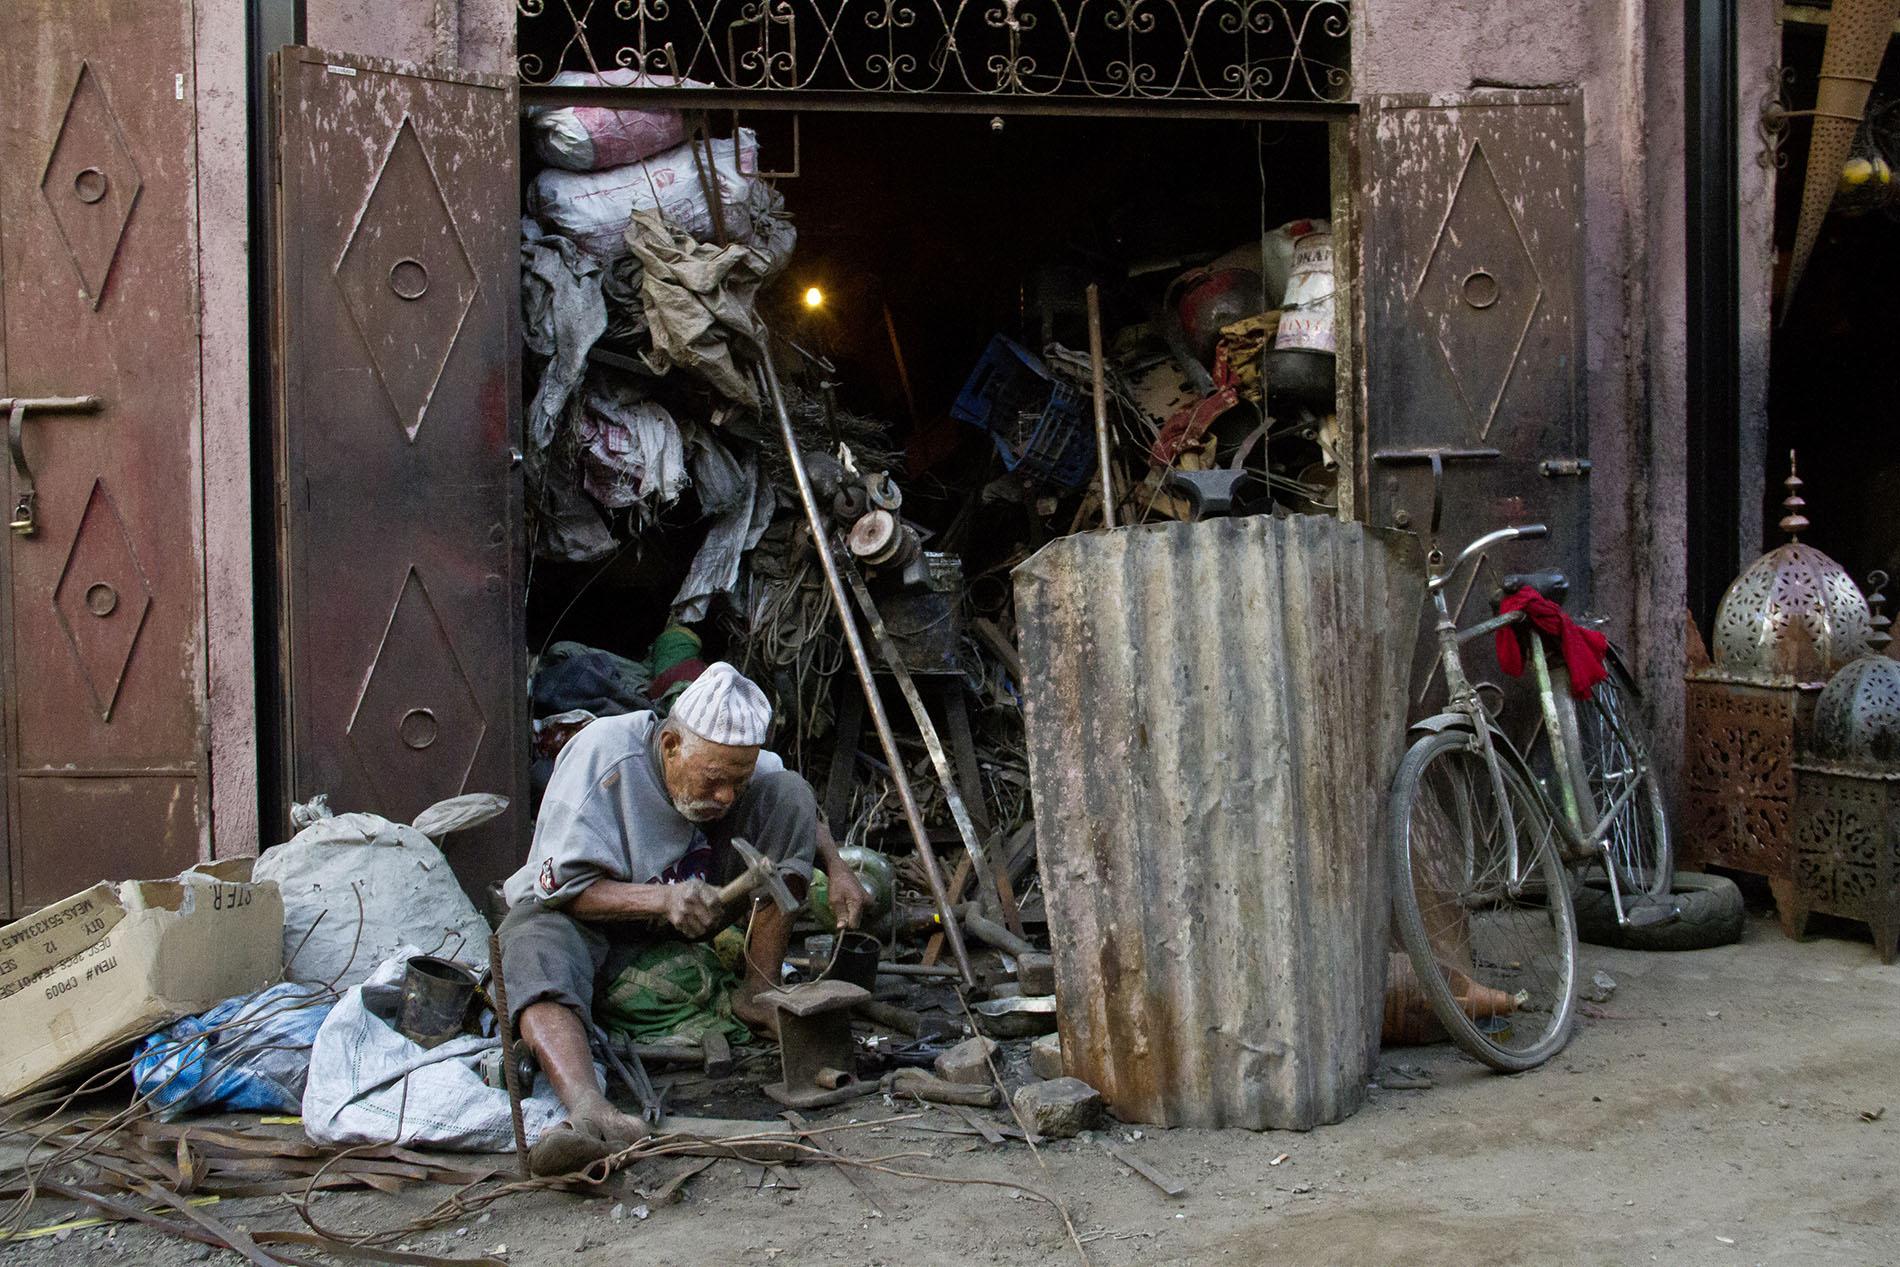 Handwerker in einem Hinterhof